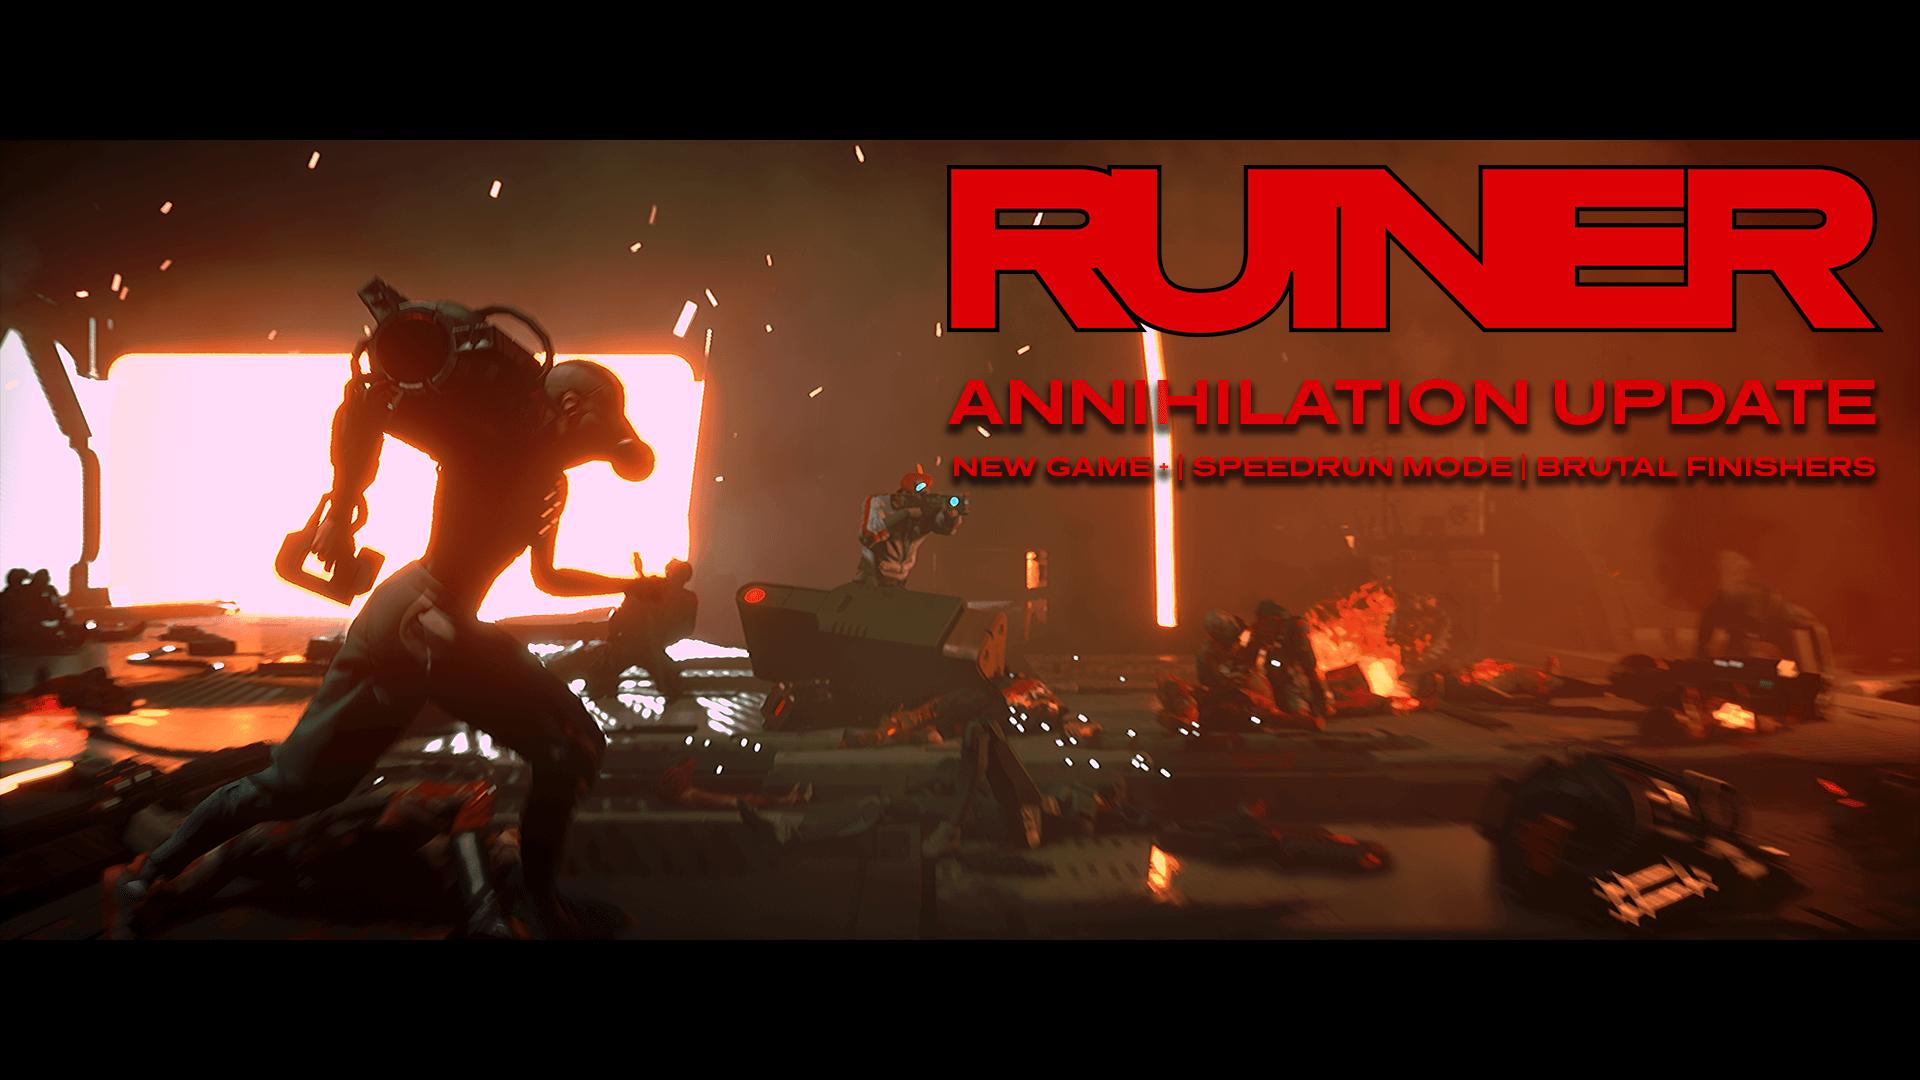 ruiner annihilation update - RUINER si aggiorna con il nuovo Annihilation Update